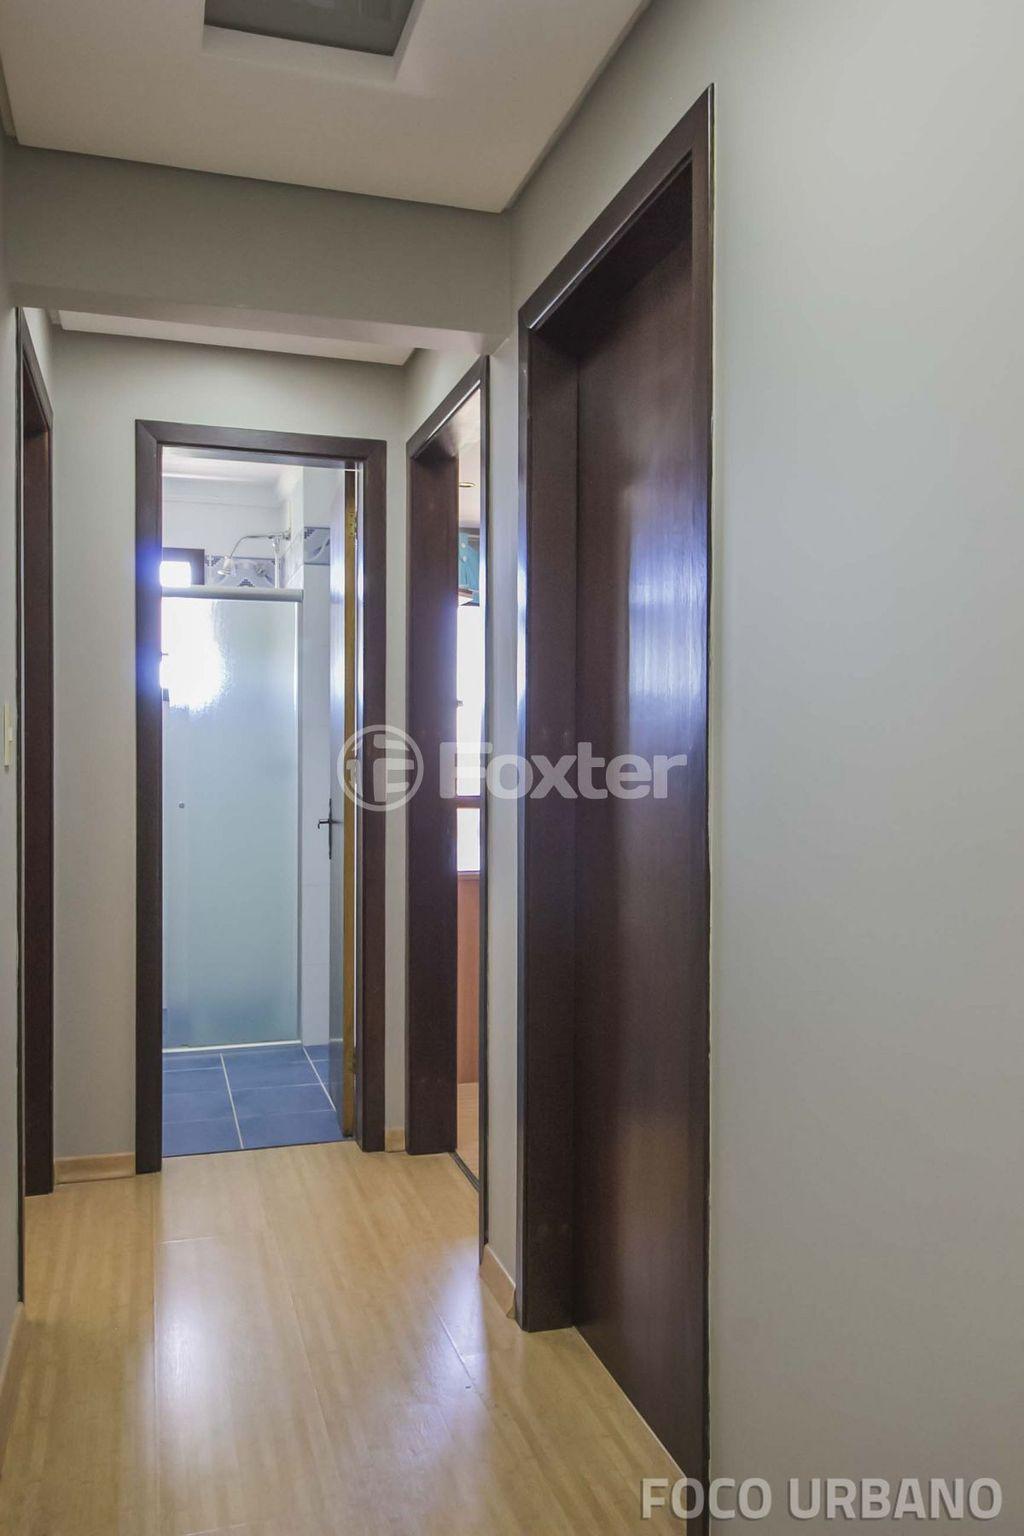 Foxter Imobiliária - Cobertura 3 Dorm (135857) - Foto 7